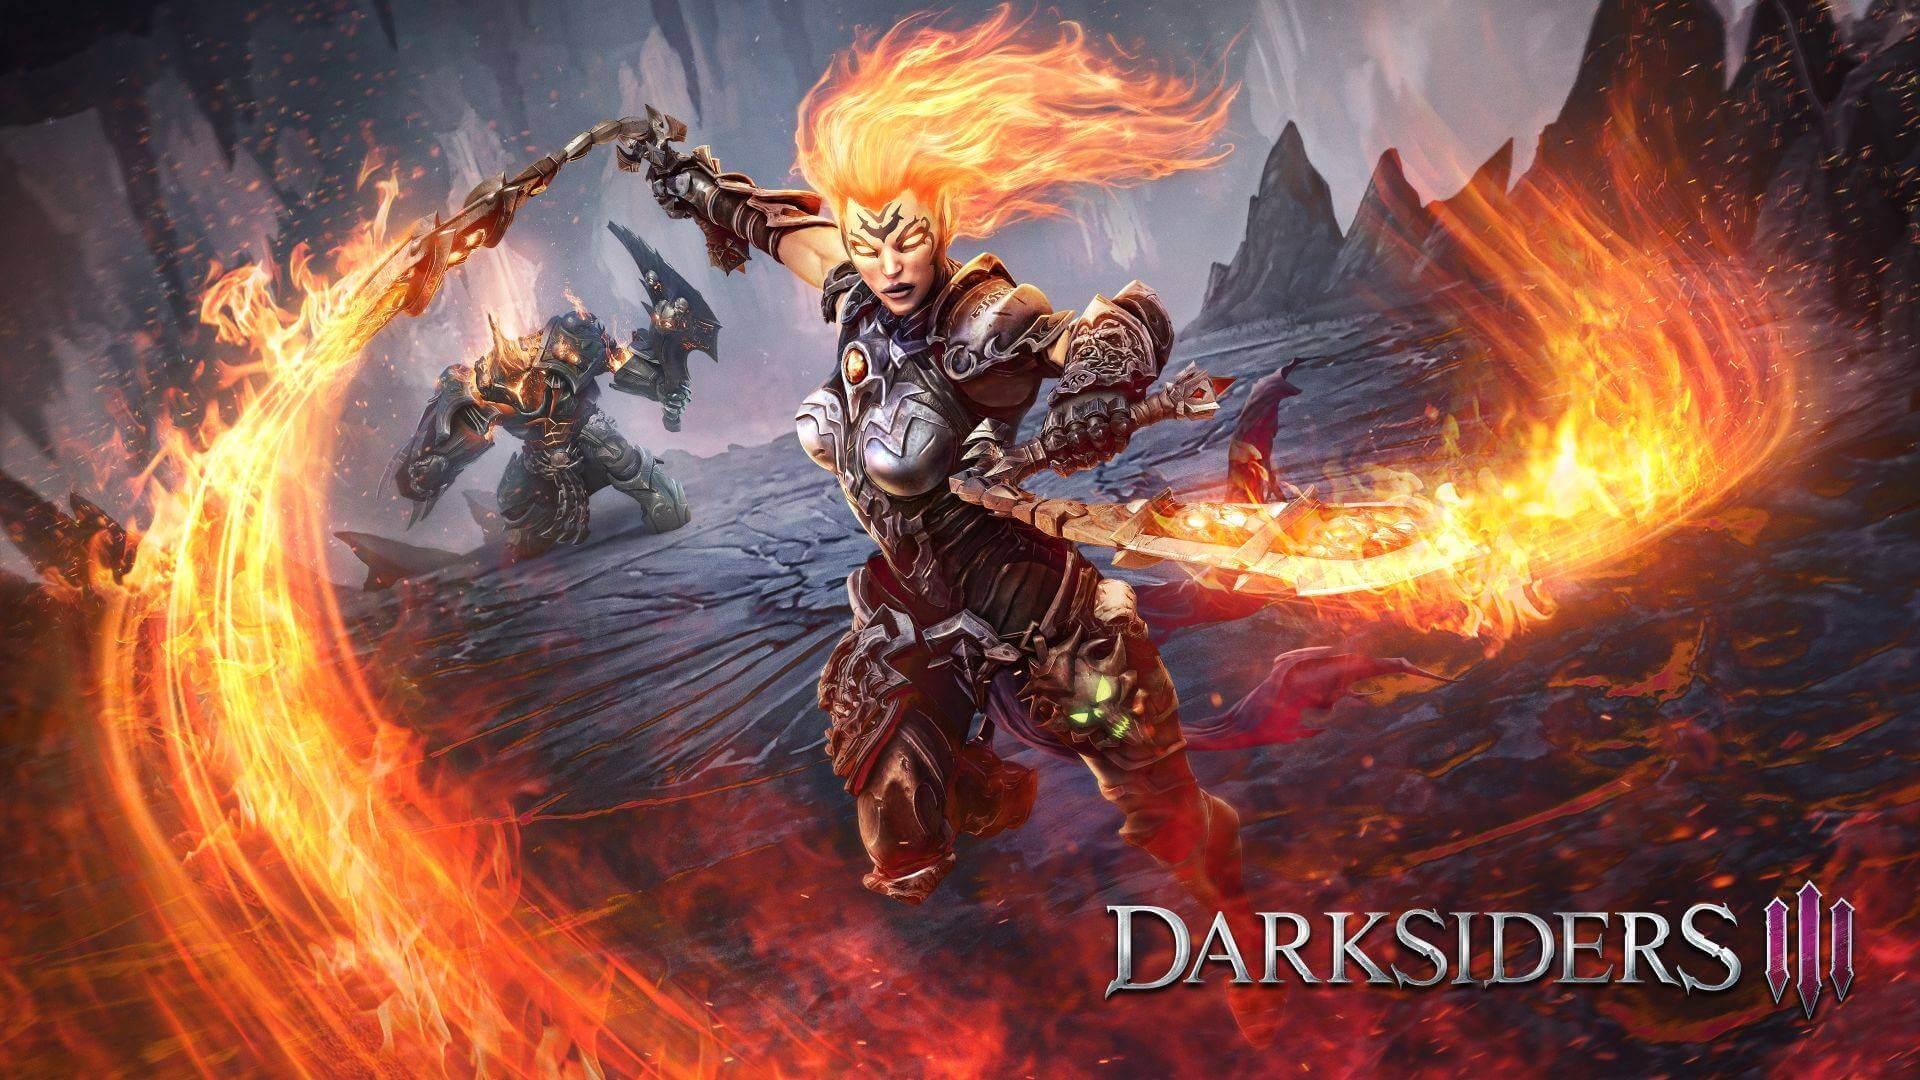 Darksiders III revela su fecha de lanzamiento